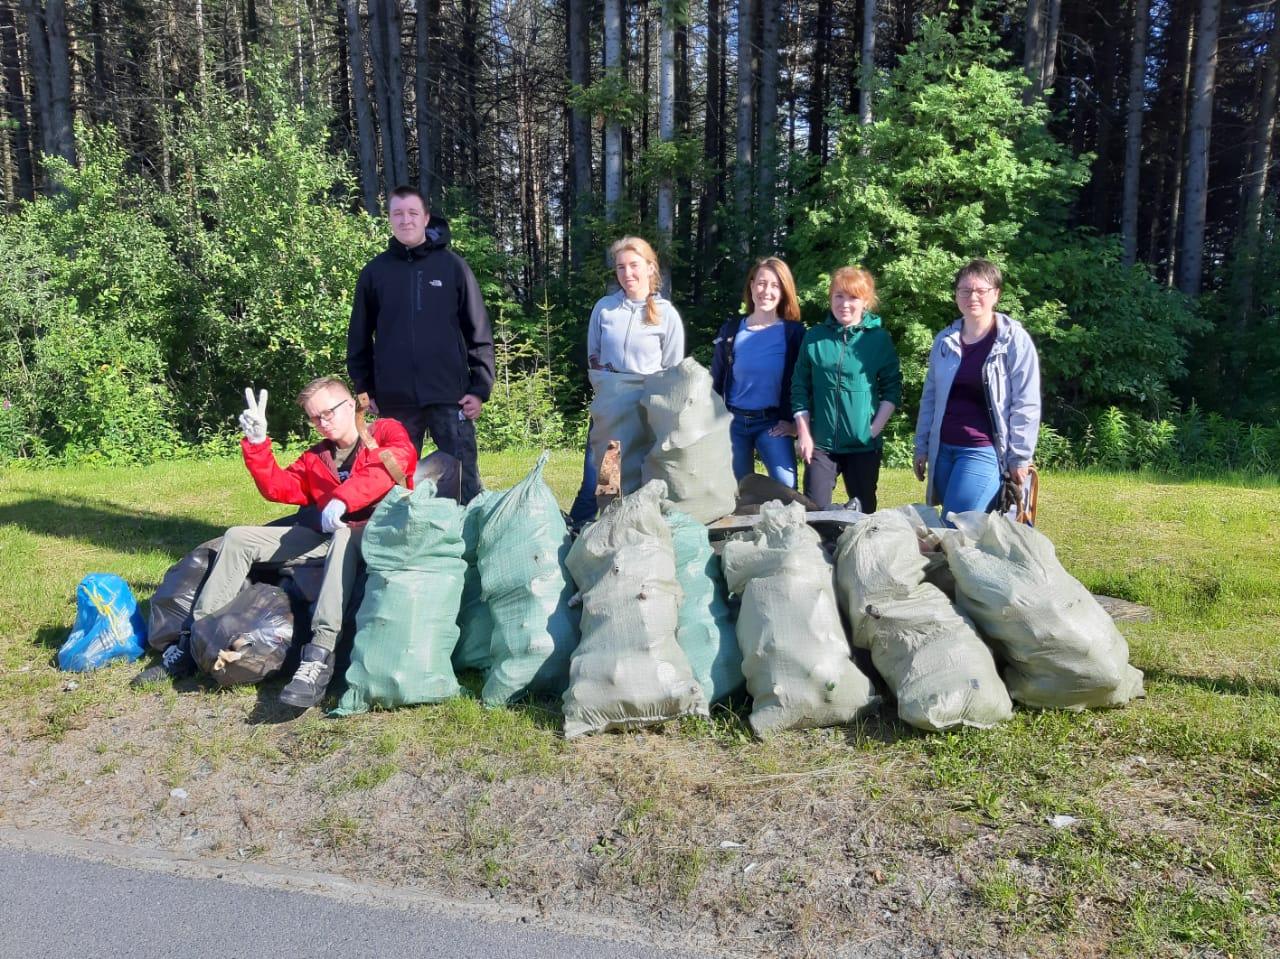 Активисты Ханты-Мансийска присоединились к сбору мусора в городском лесу